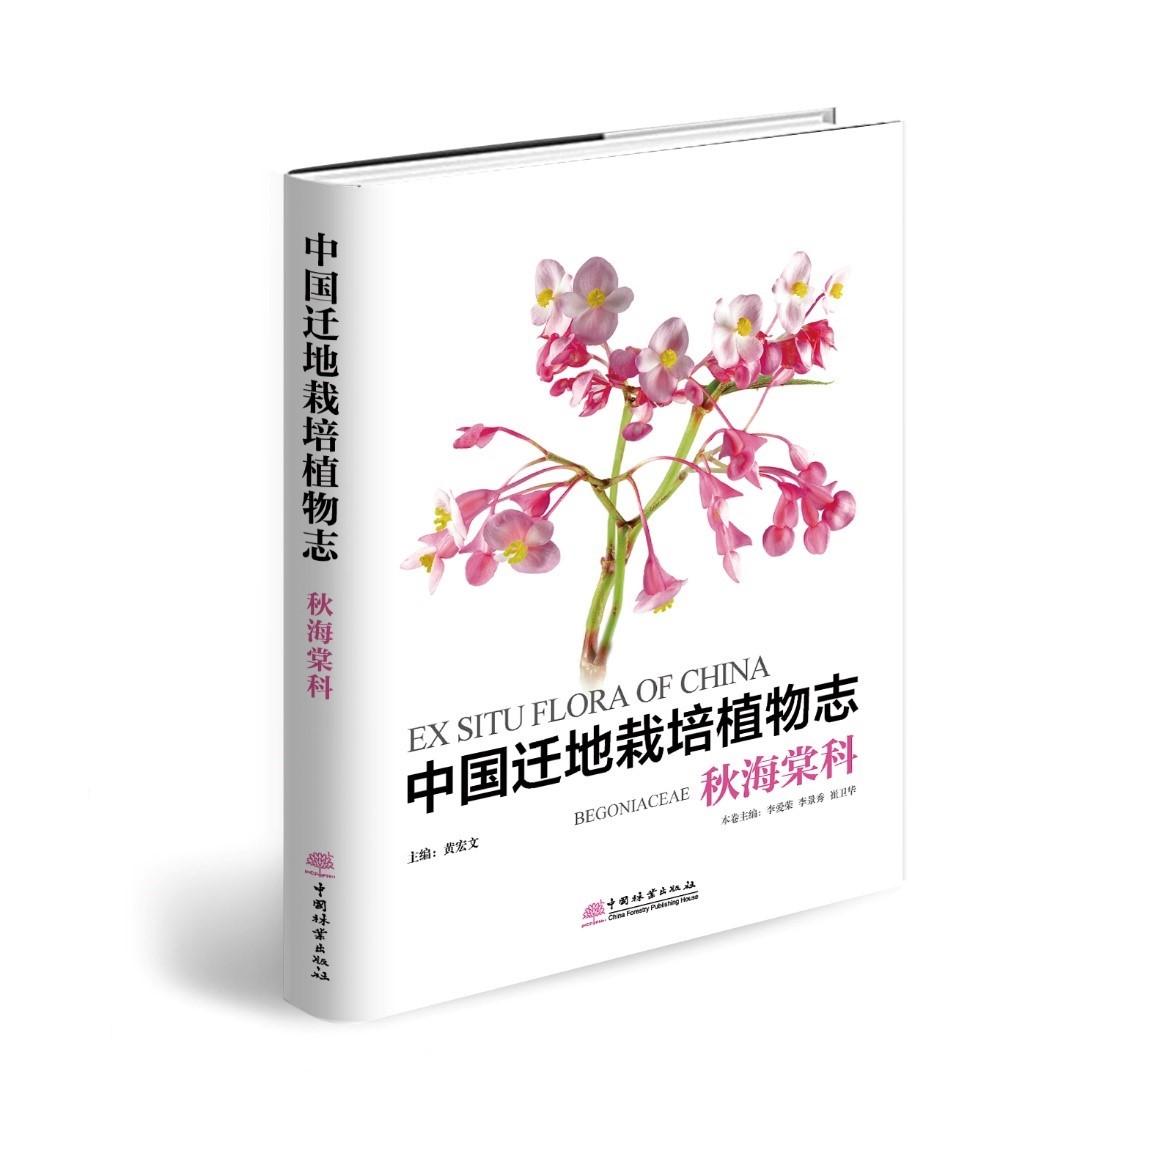 中国迁地栽培植物志(秋海棠科).jpg